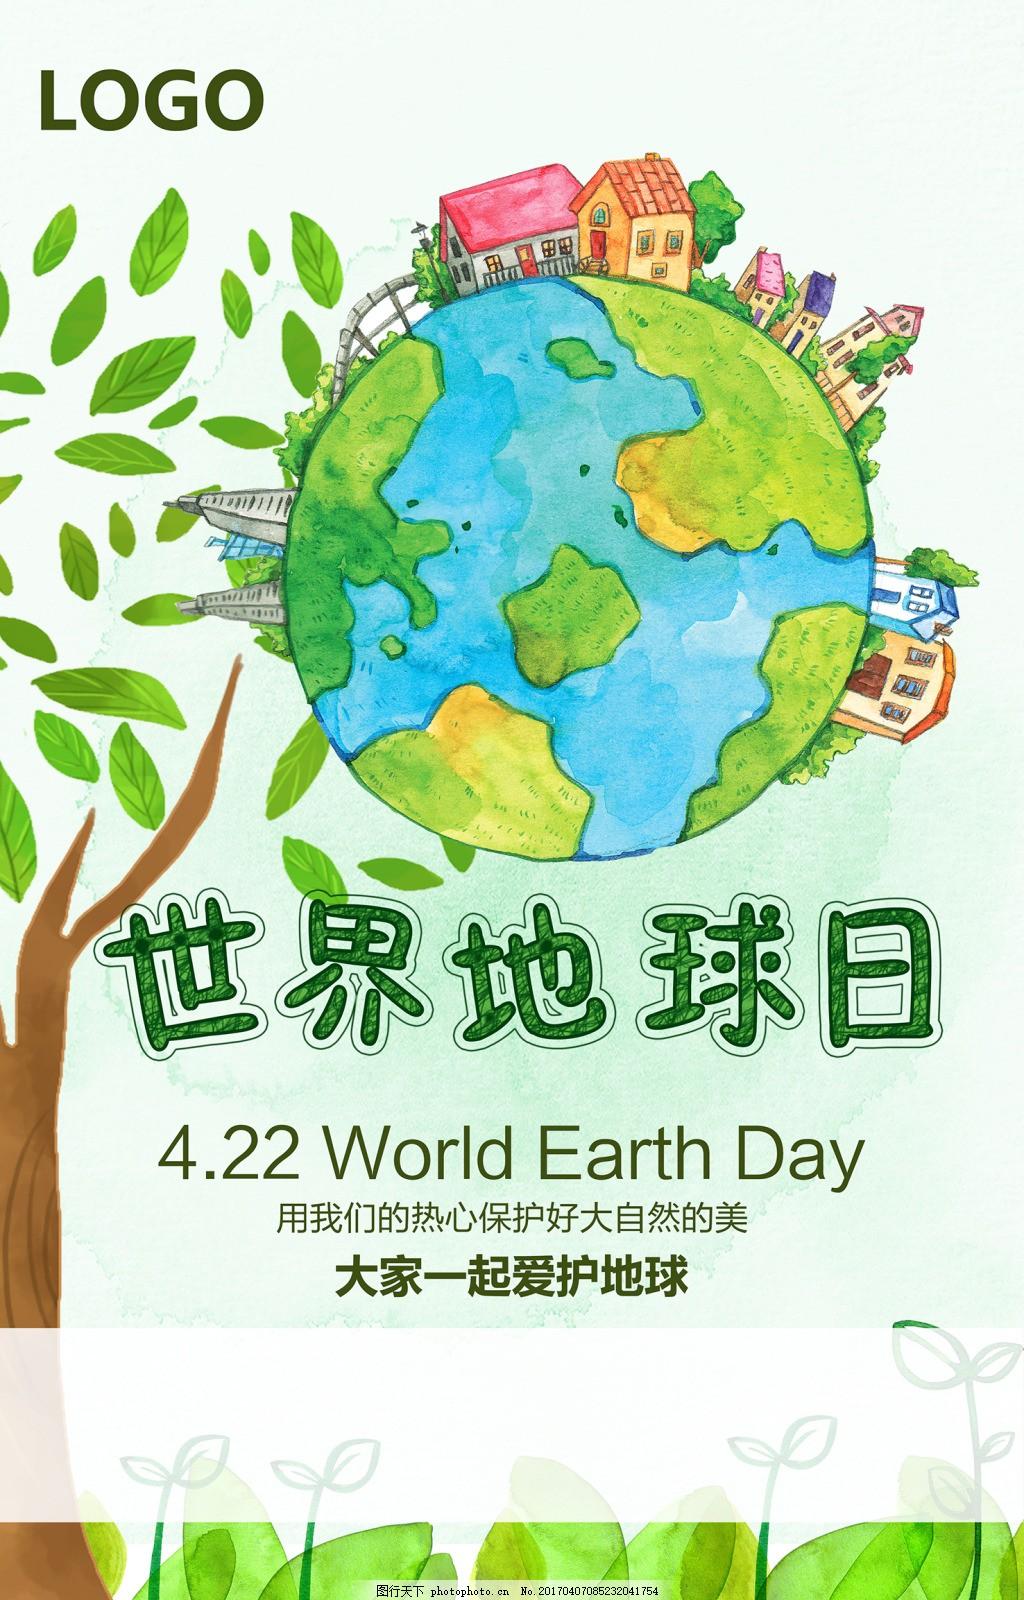 世界地球日 卡通 大树 渐变 树叶 小草 绿色 植树节 植物 环保